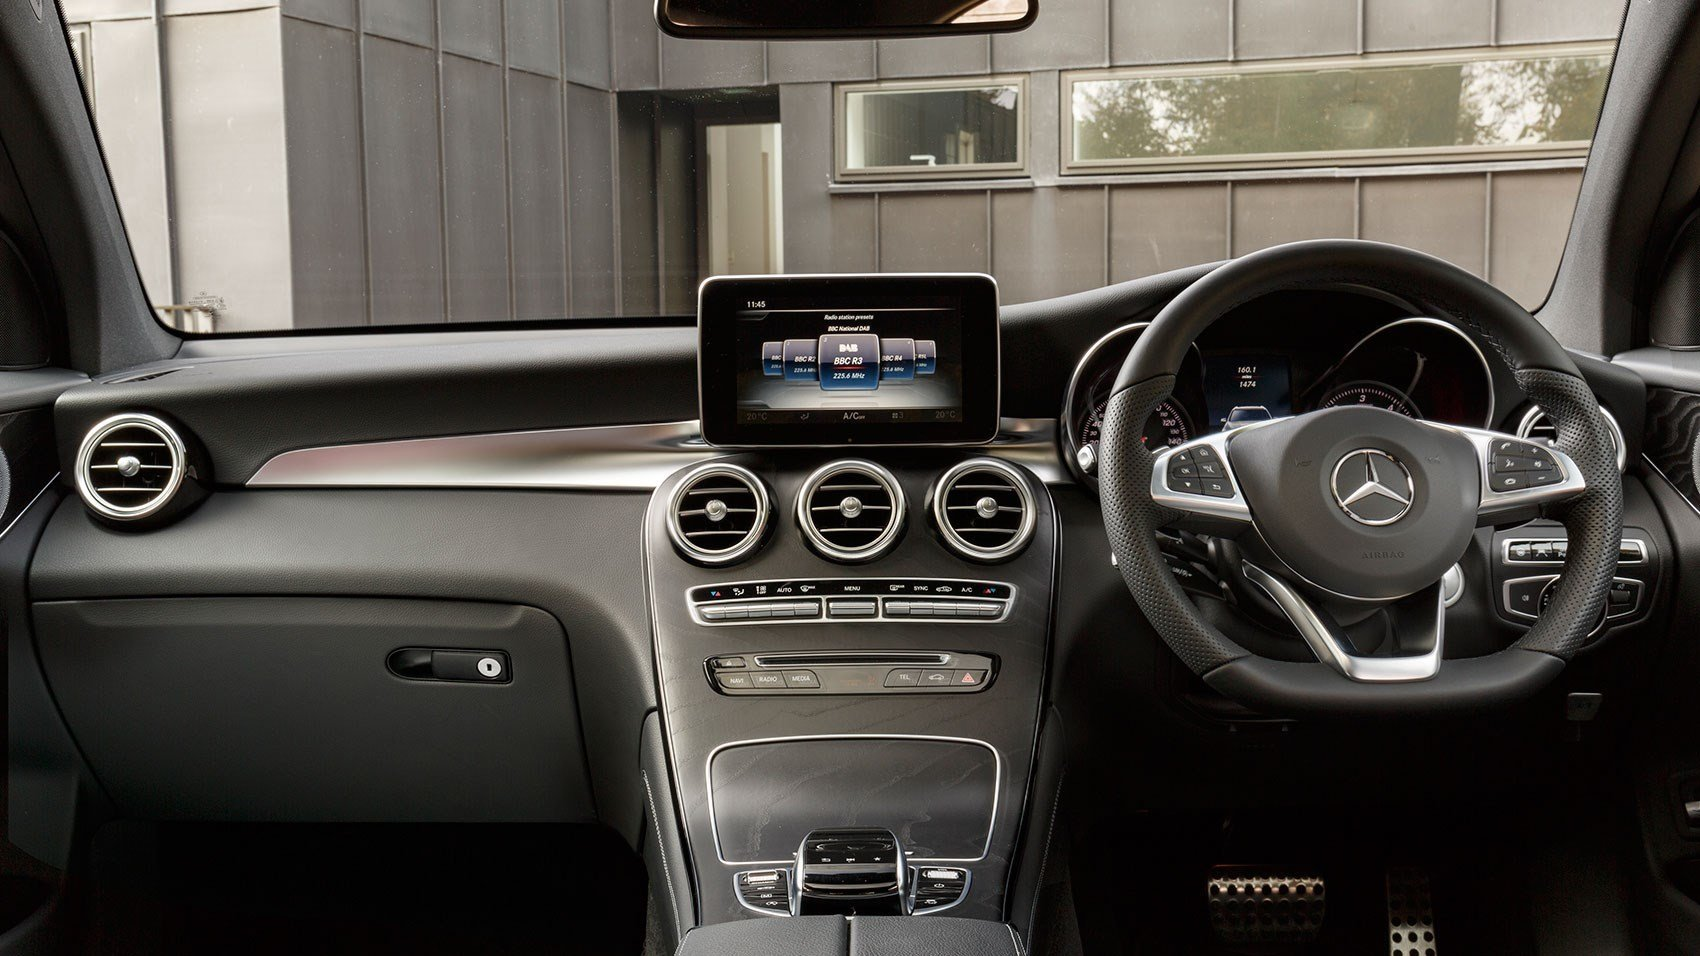 W205 C-Class Mercedes Benz Audio20 / NTG 5 0 AUX sound retrofit Kit